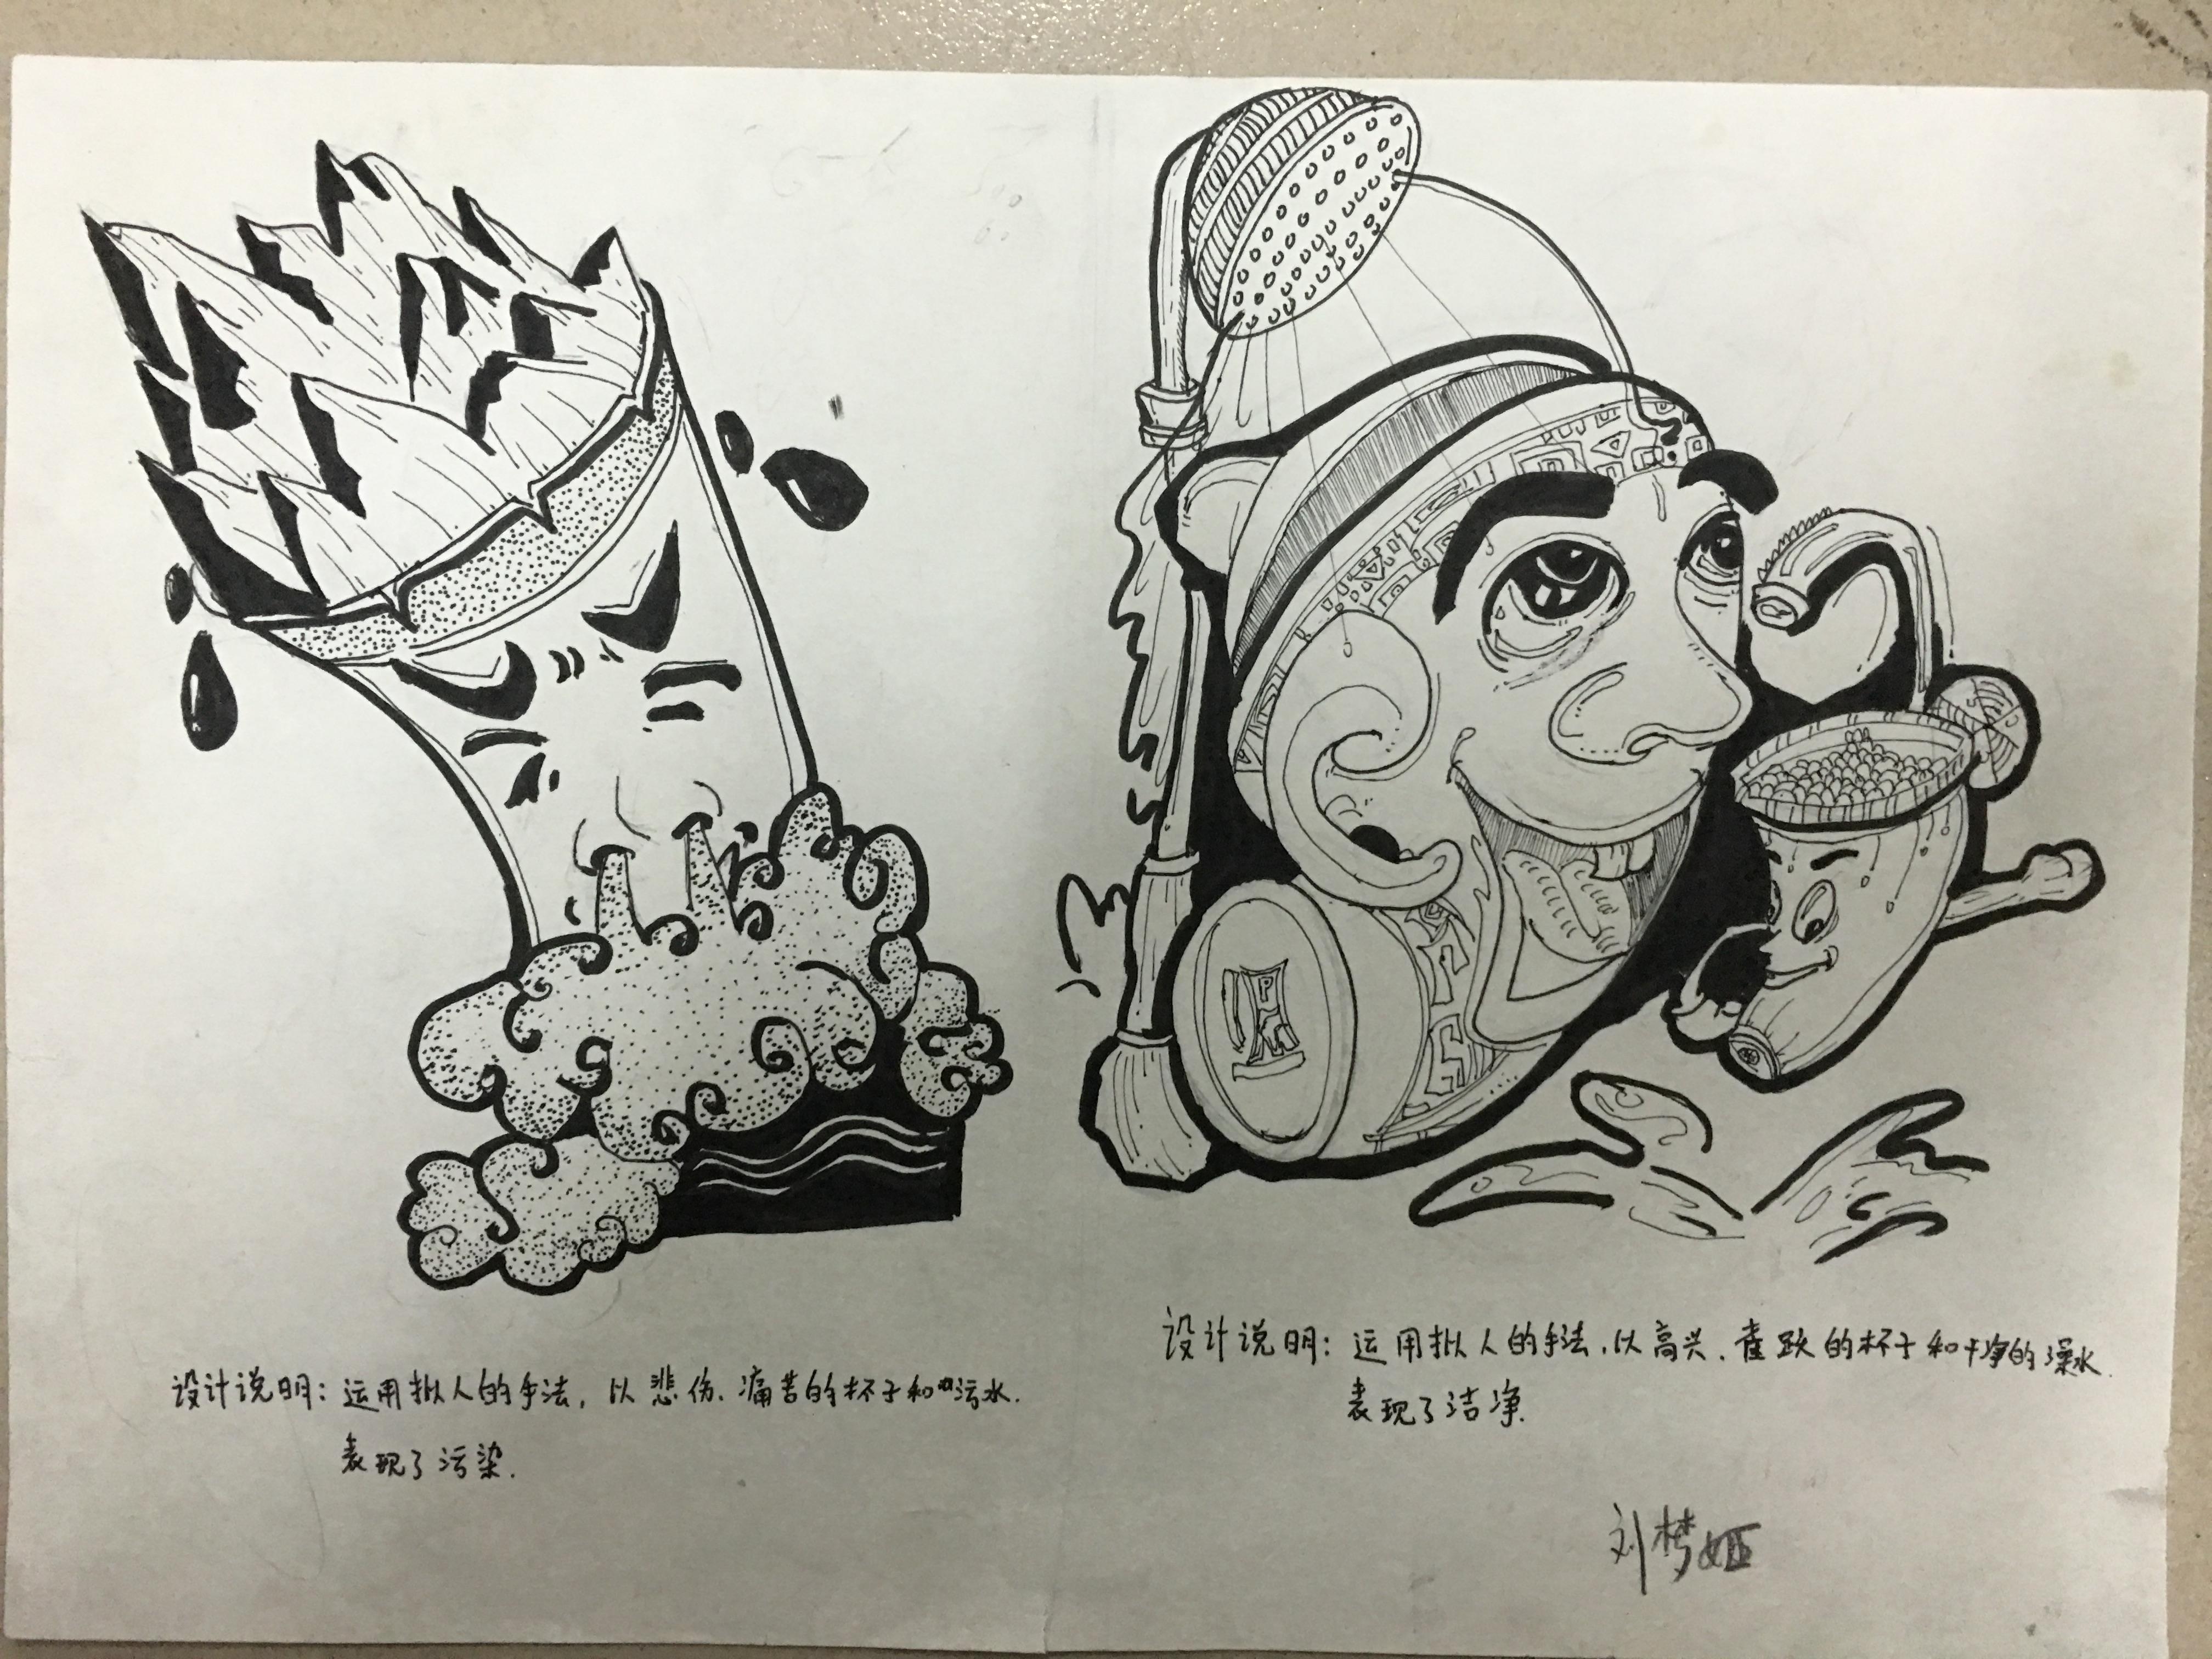 装饰画|钢笔画|纯艺术|刘梦娅 - 原创设计作品 - 站酷图片